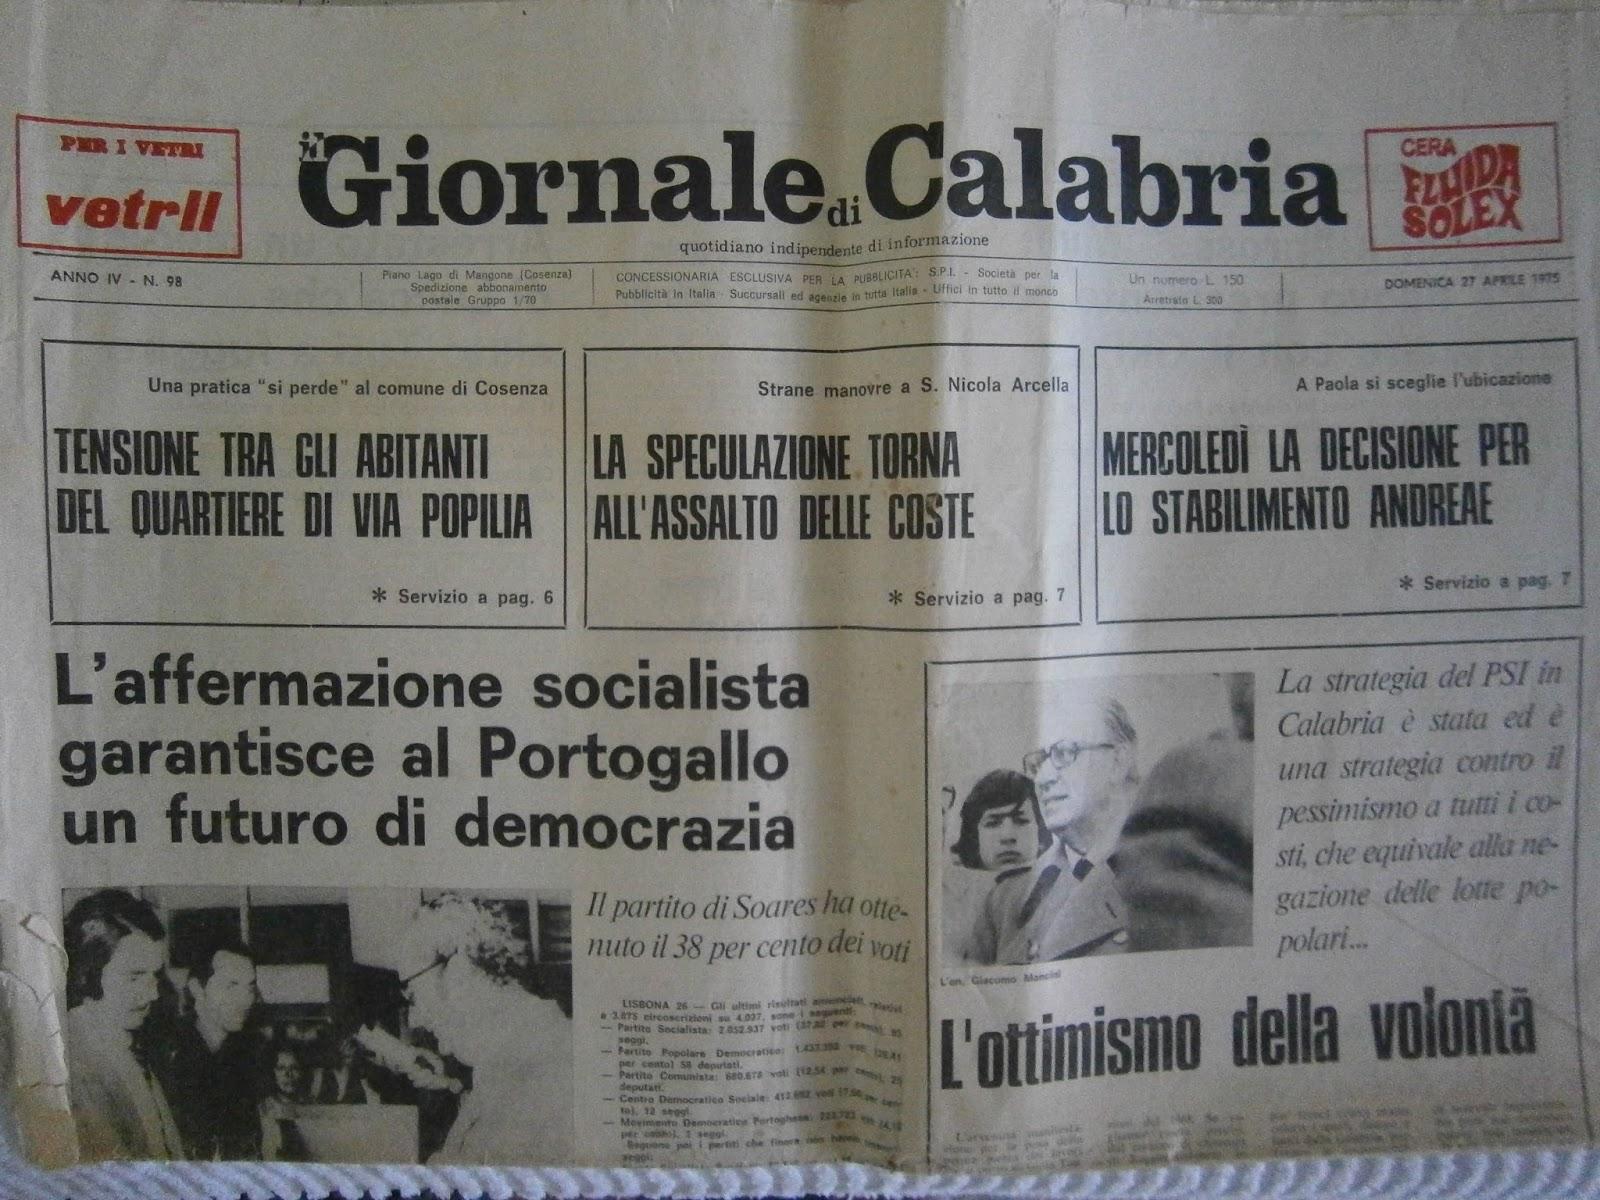 giornale di calabria platinum - photo#10